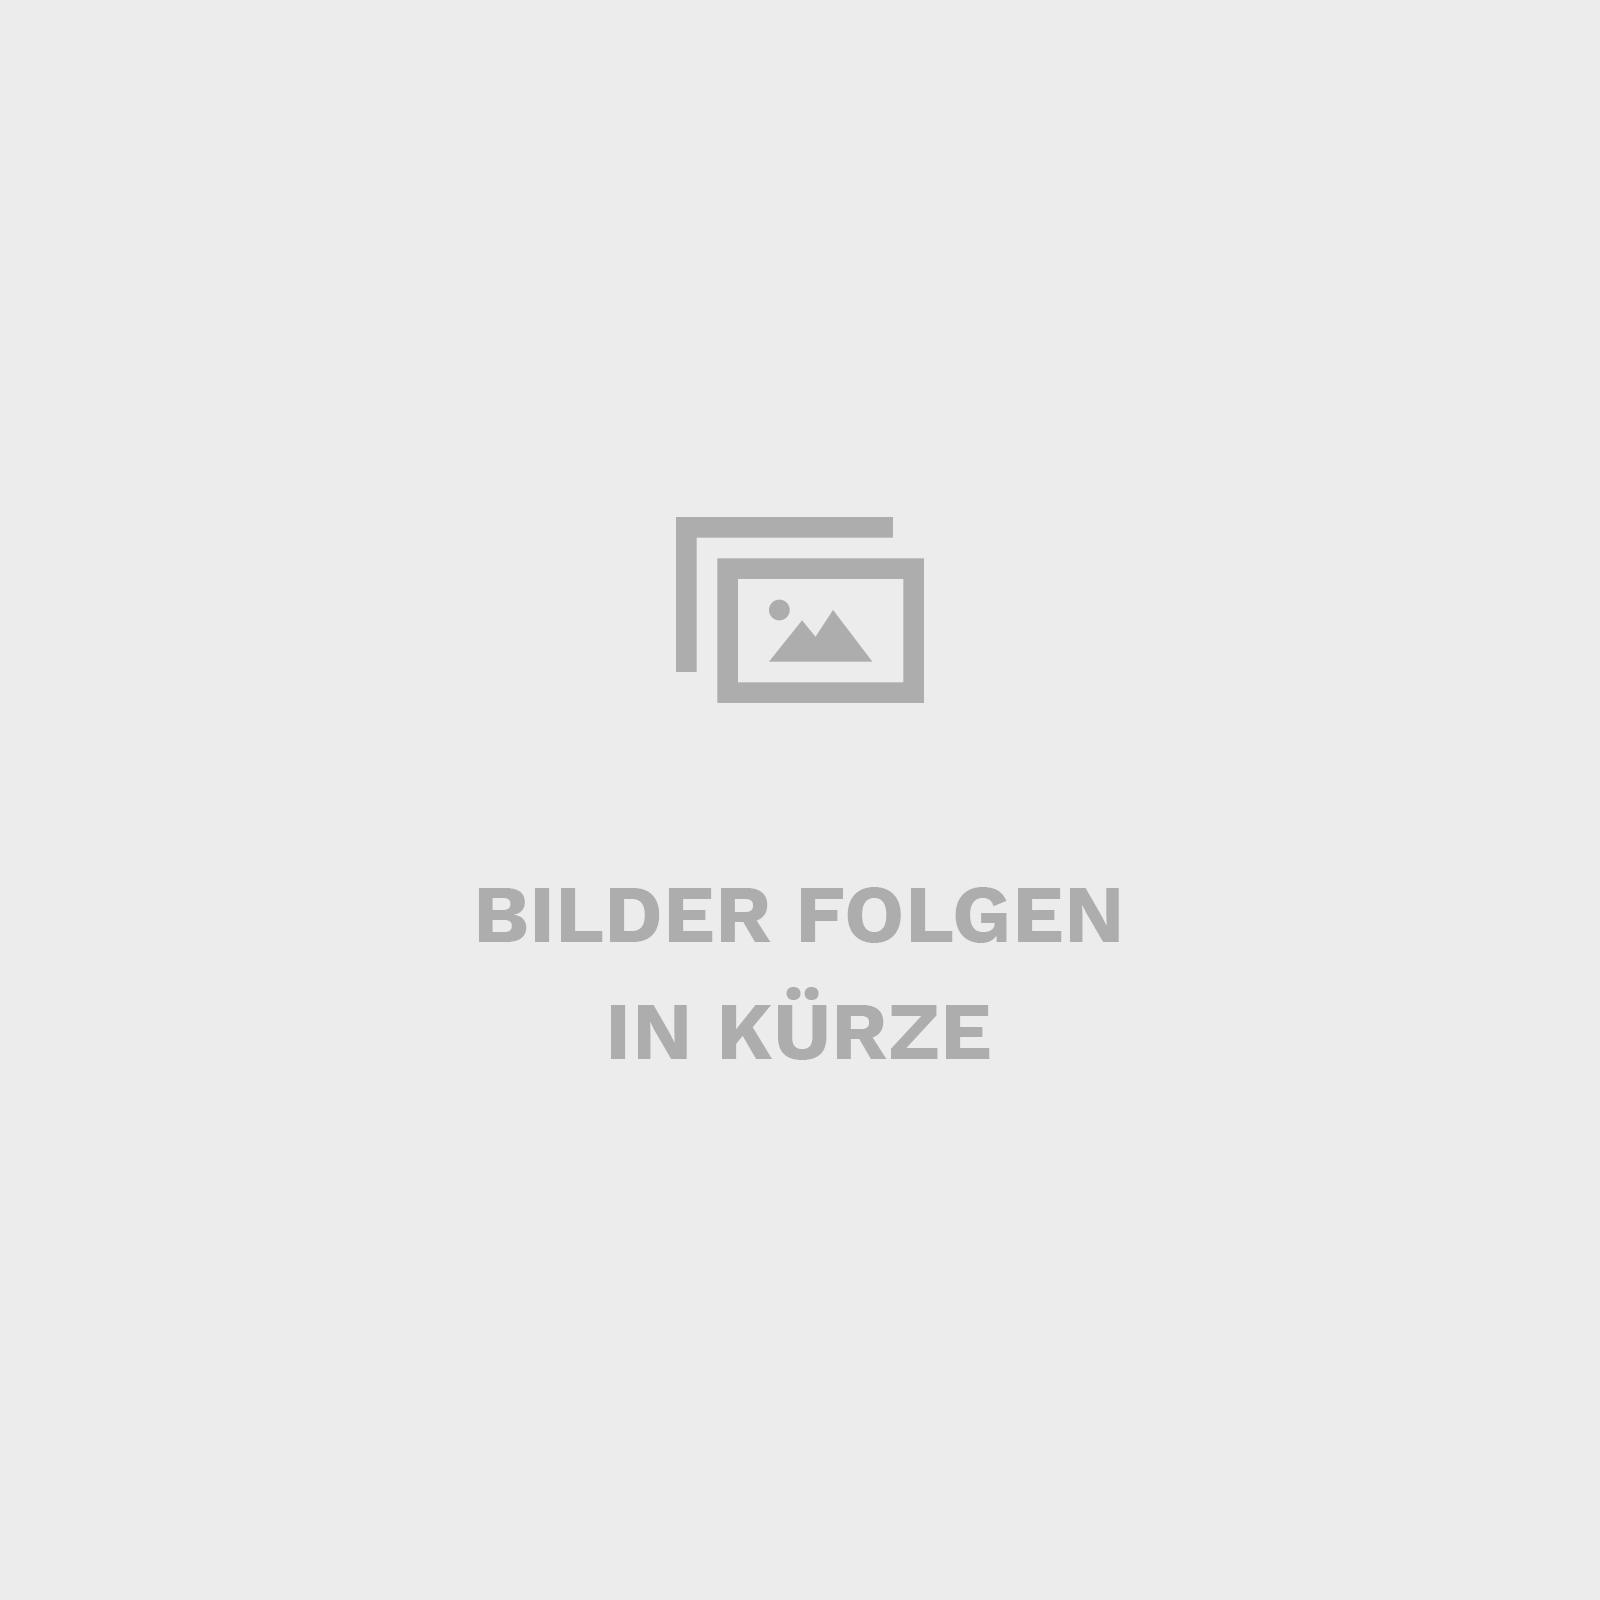 Elle 1 - EU Label